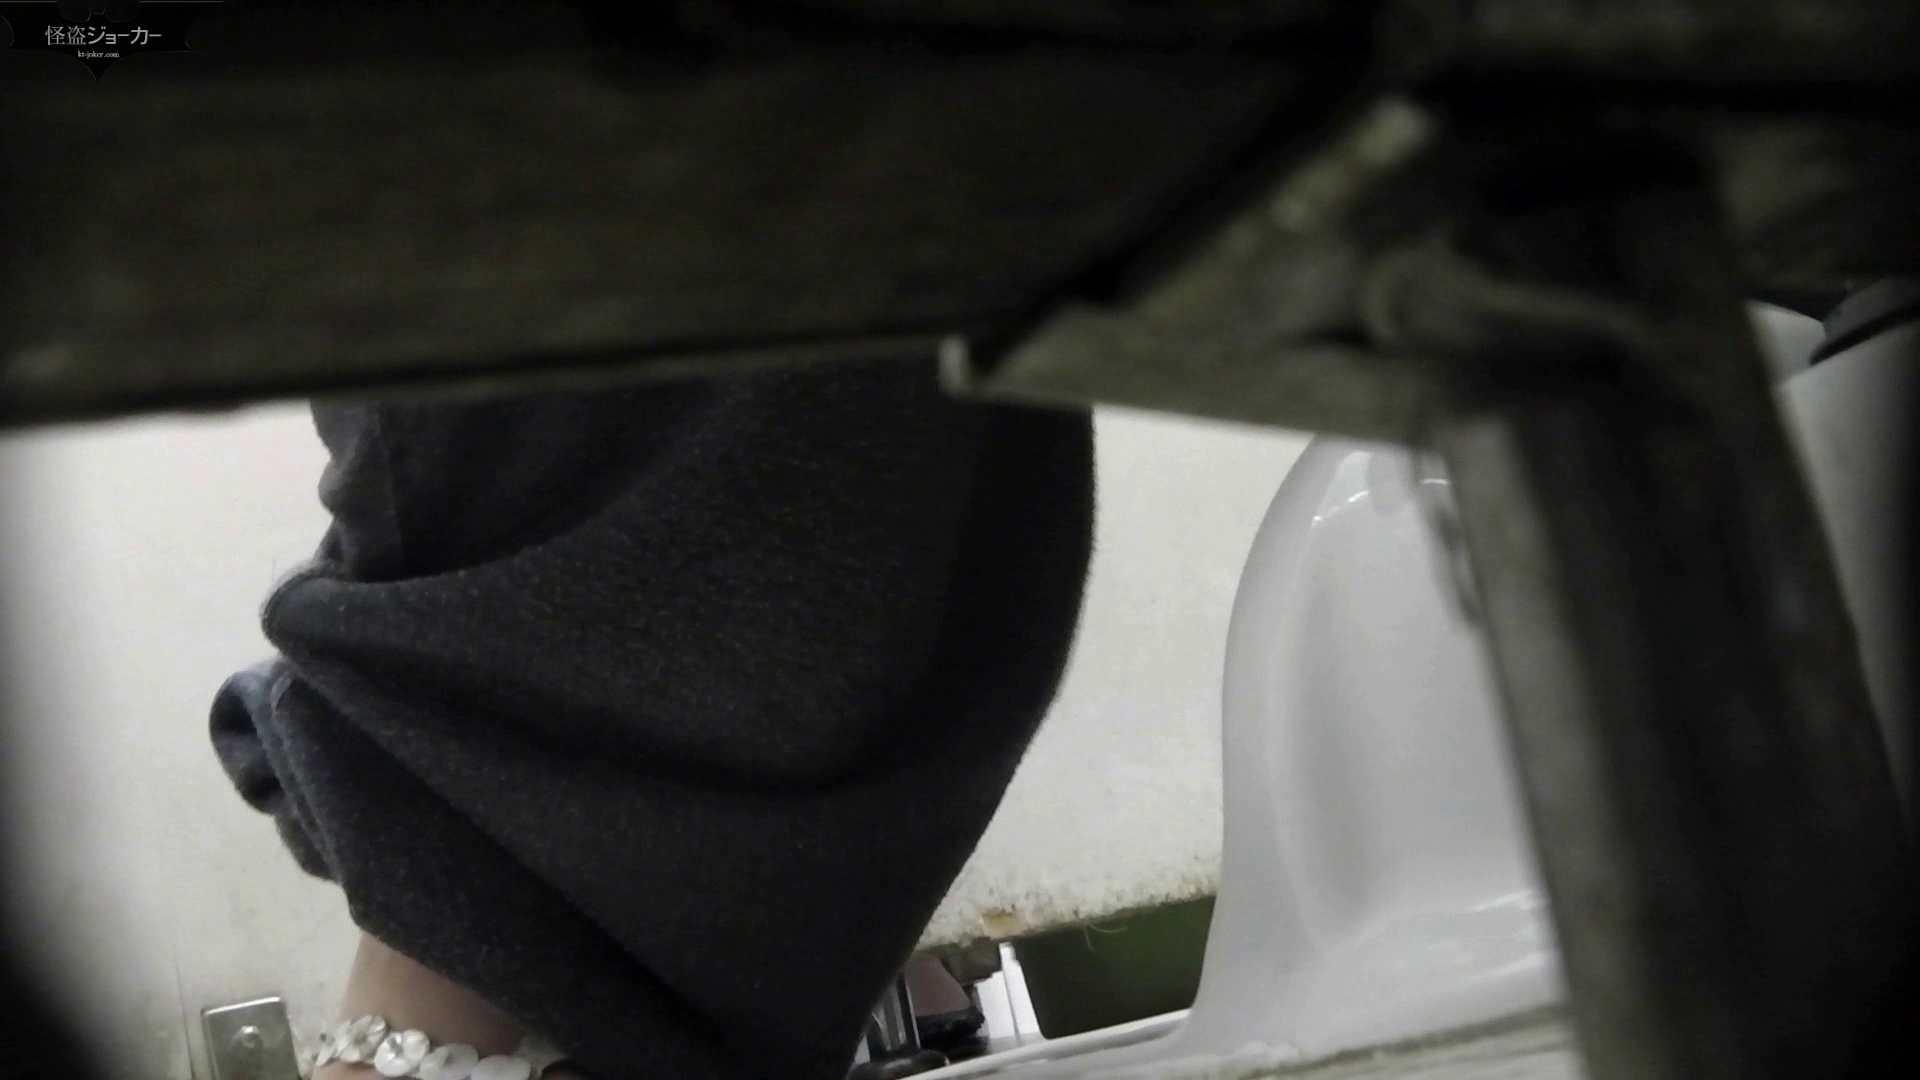 【美しき個室な世界】洗面所特攻隊 vol.051 洗面所 | OLのボディ  72PIX 37